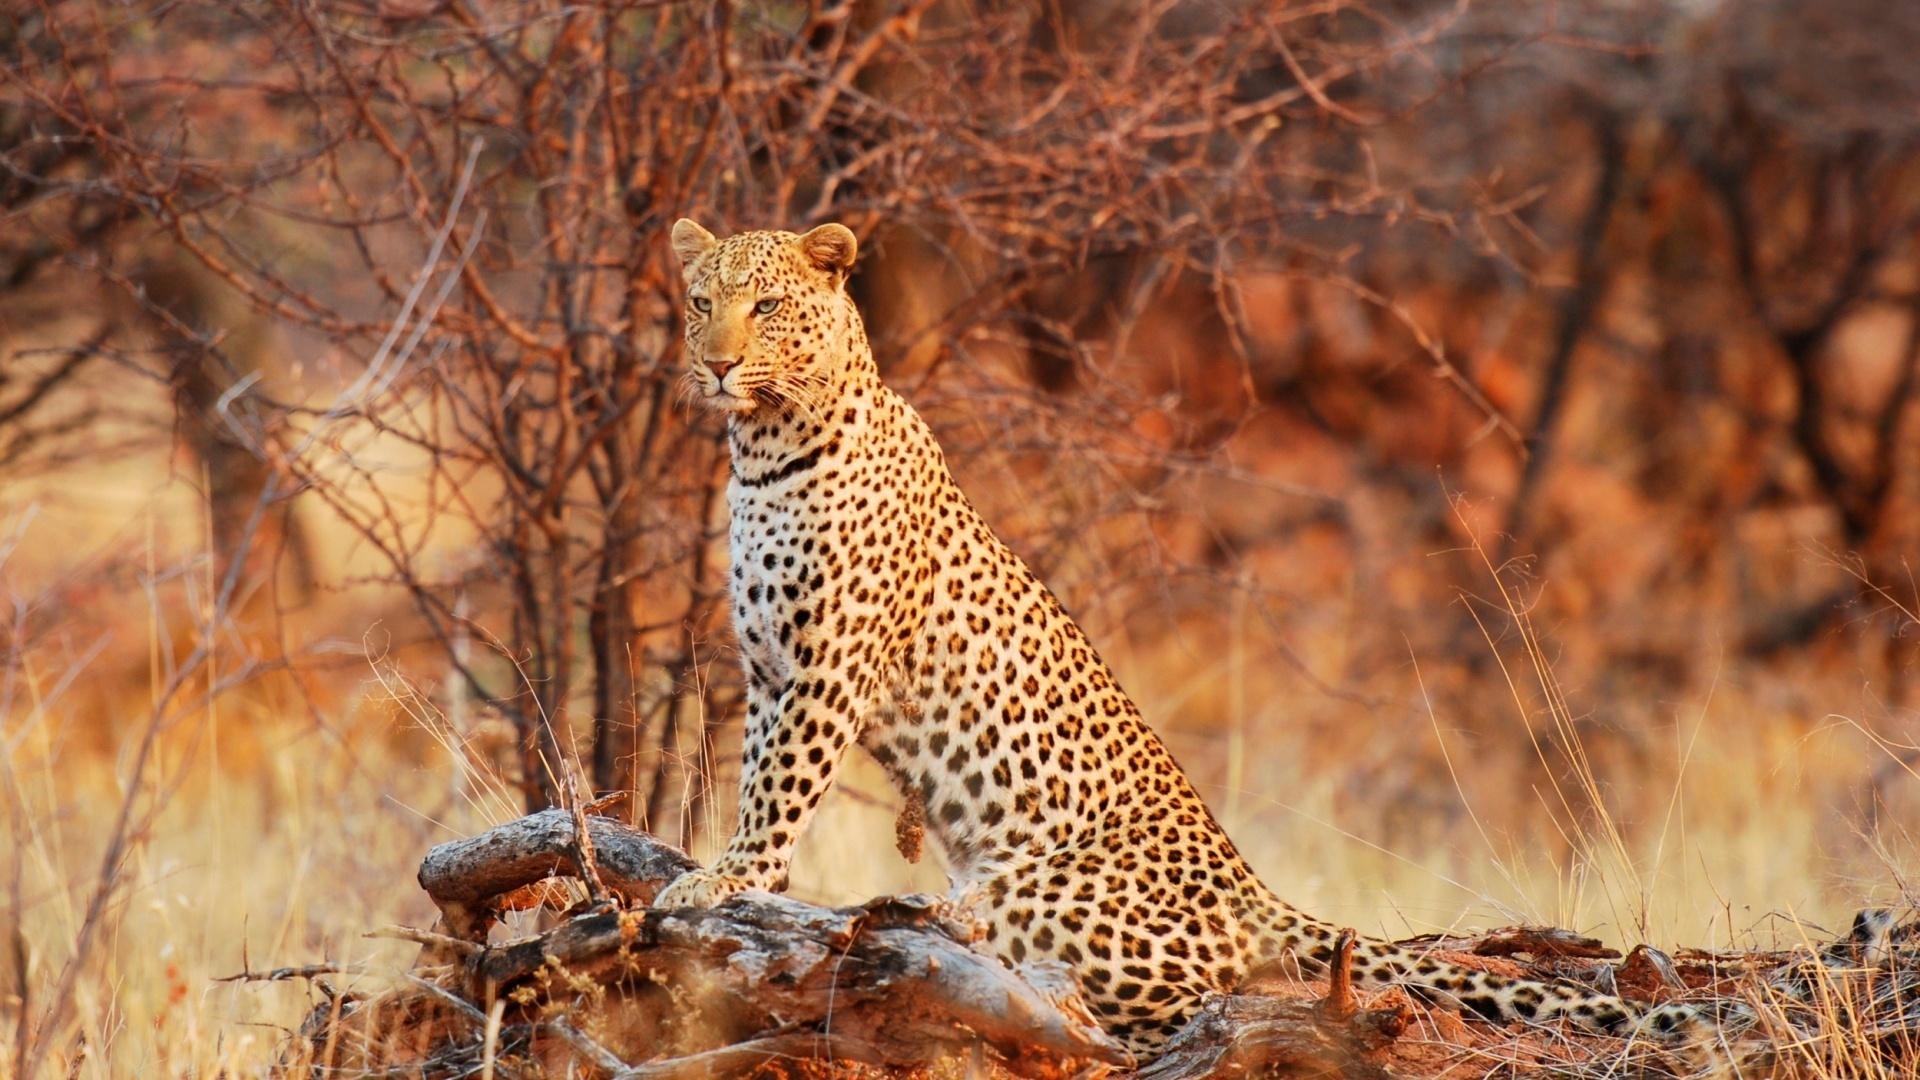 красивые картинки леопардов гепардов